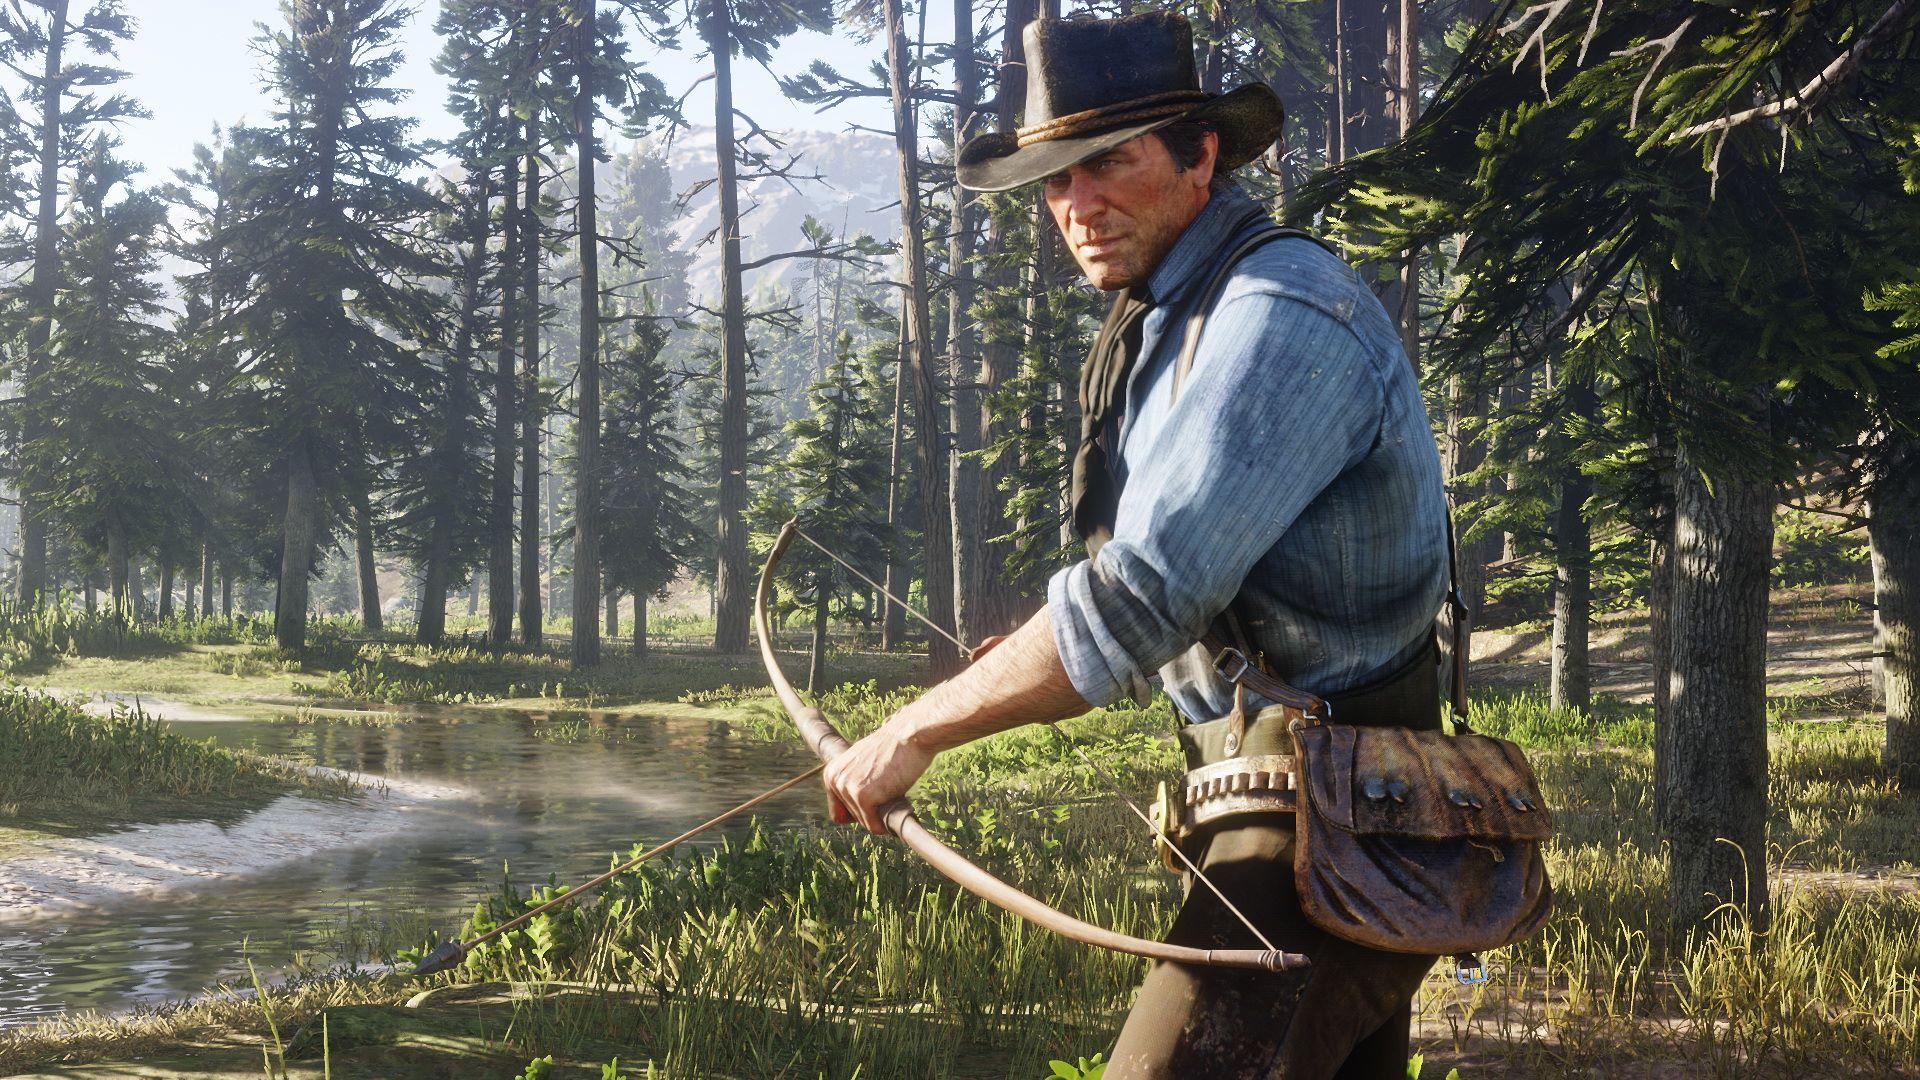 Neue Screenshots zu Red Dead Redemption 2 zeigen Tierwelt, Open World und Charaktere. Bild 9 - Quelle: Rockstar Games